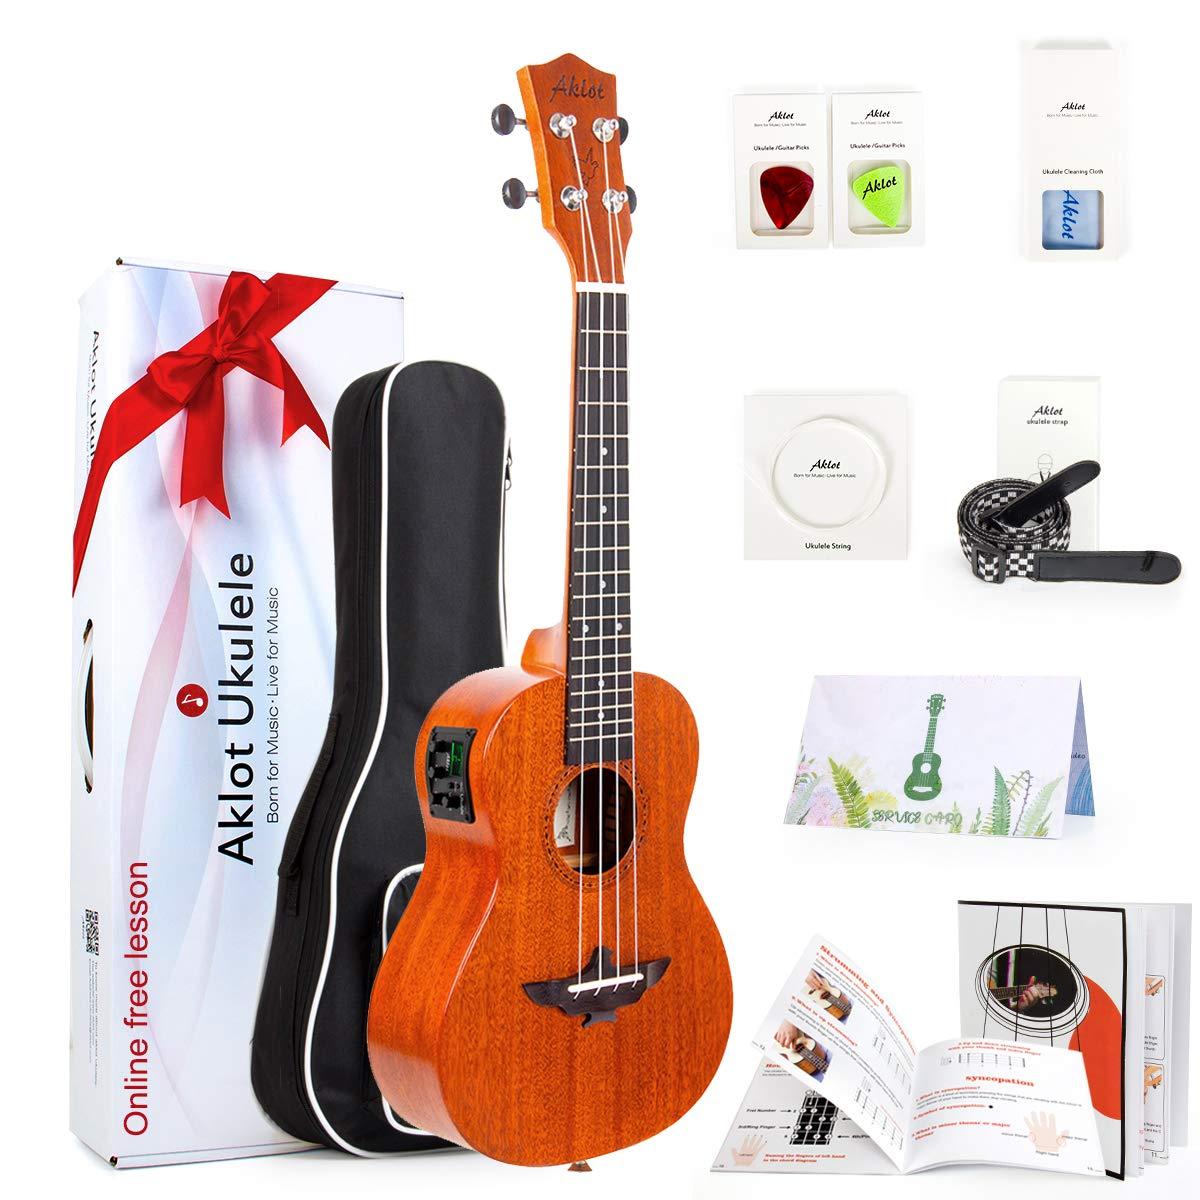 AKLOT 26 Electric ukulele Electric Acoustic Tenor Ukulele Solid Mahogany Ukelele 26'' Beginners Starter Kit with Free Online Courses and Ukulele Accessories (AKET26), Electric 26 by AKLOT (Image #1)